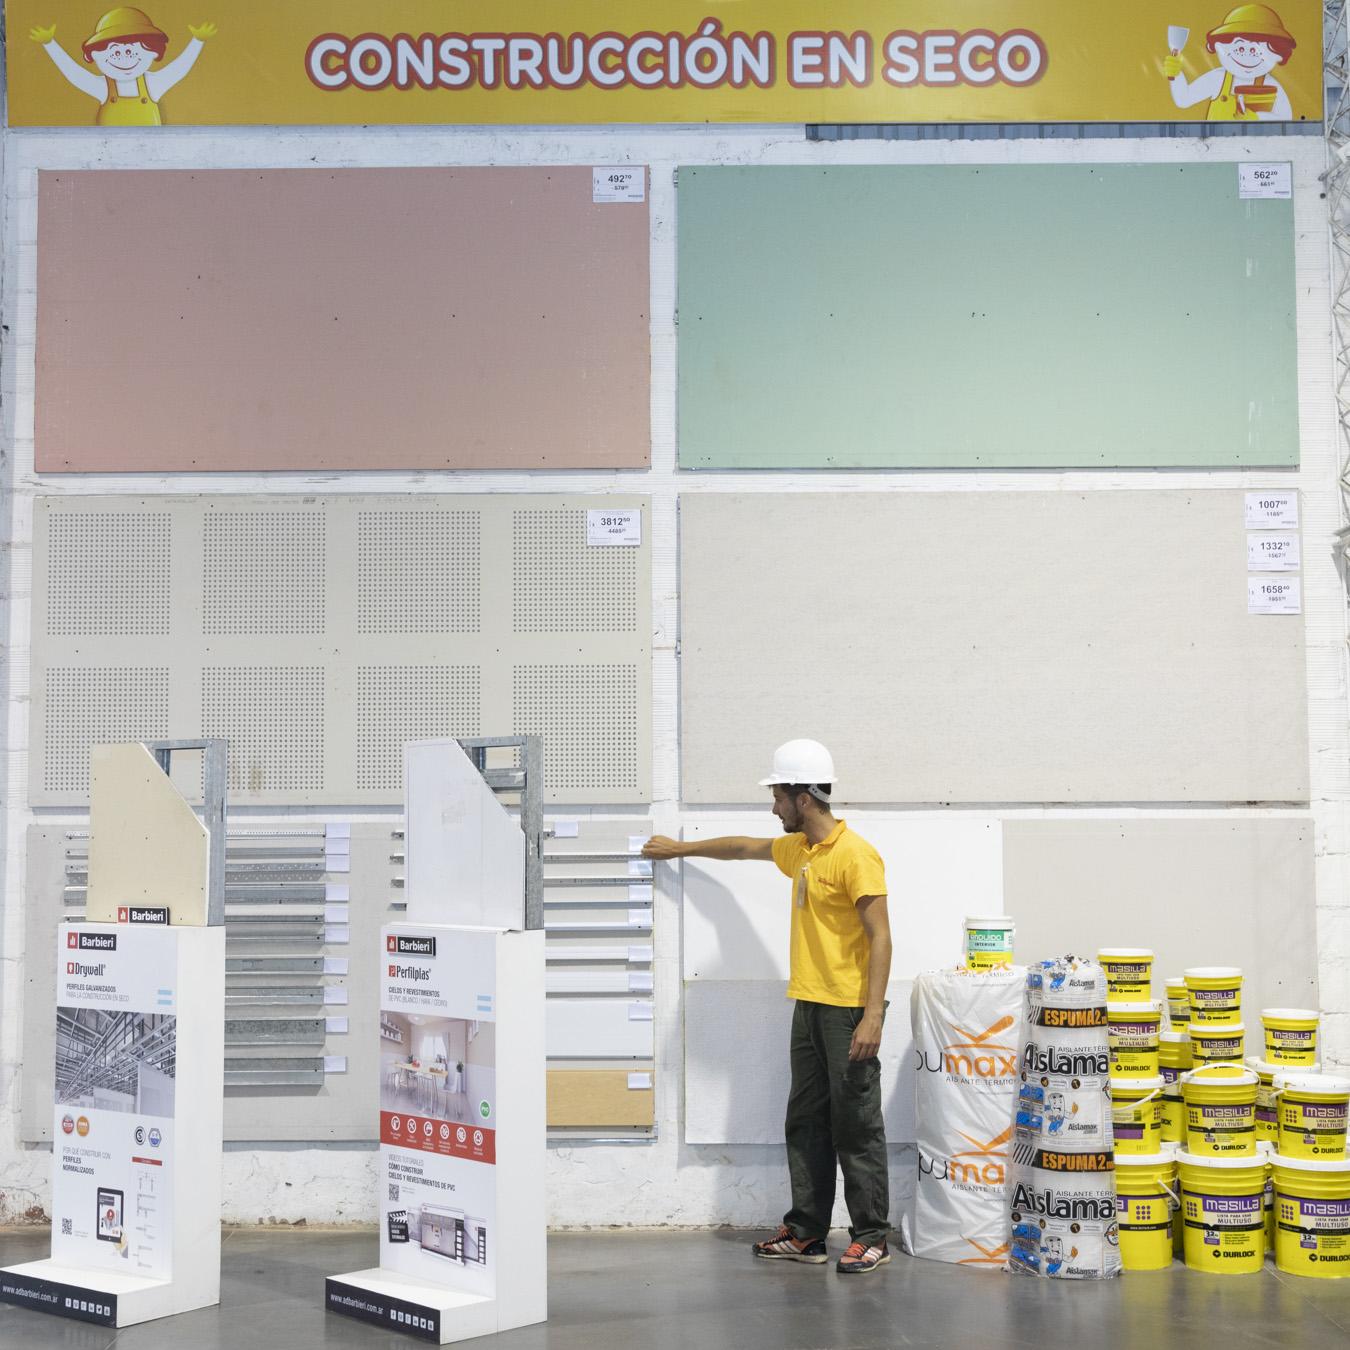 Construcción en seco: existen placas de varios colores